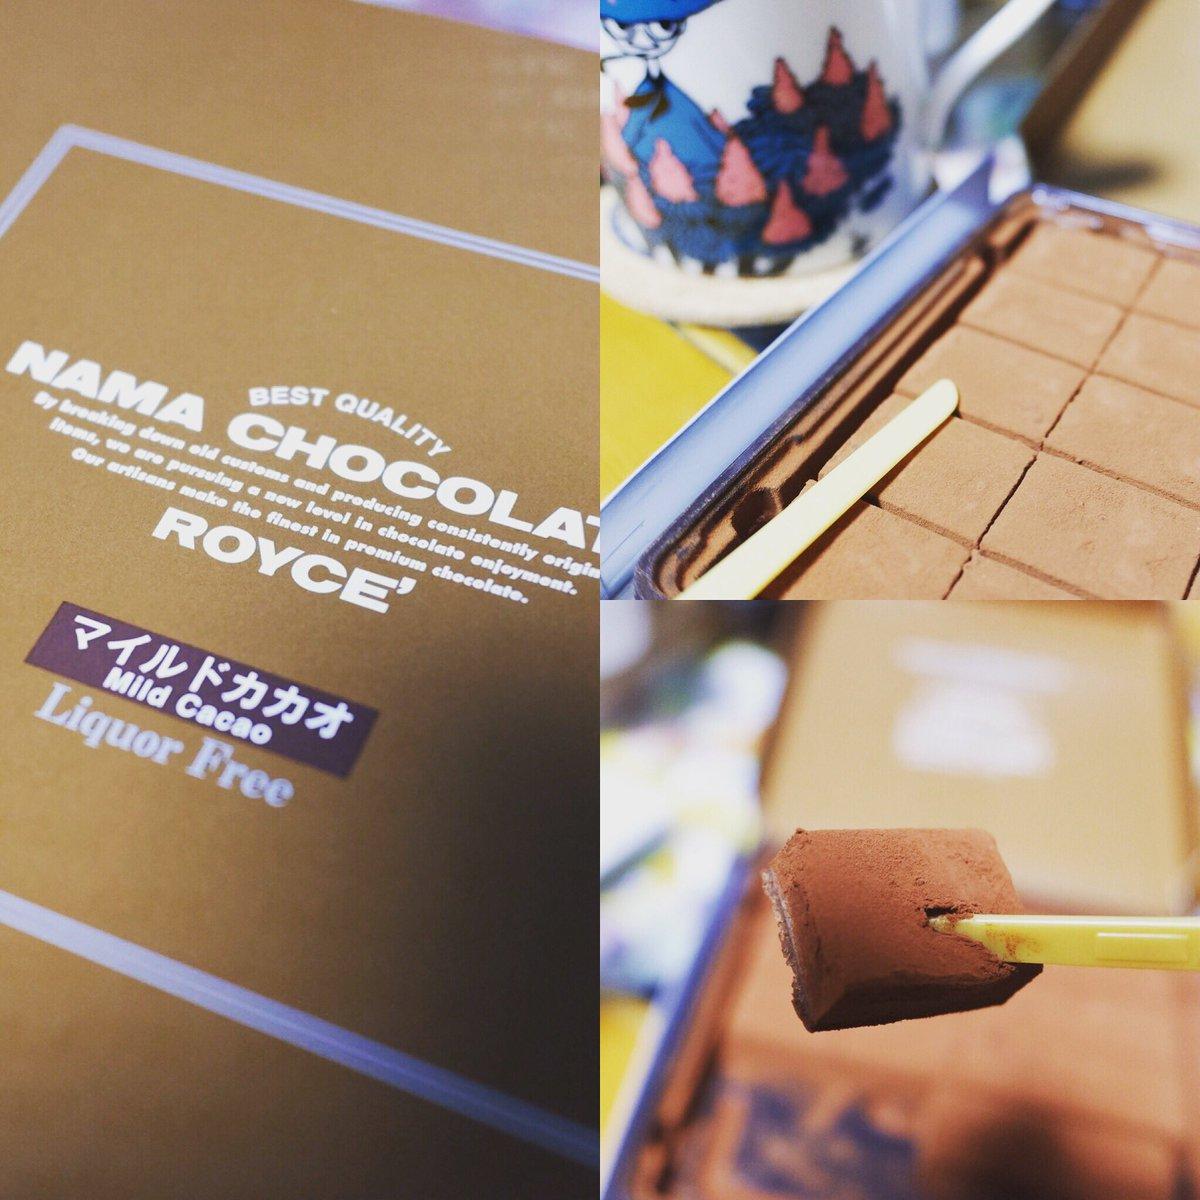 test ツイッターメディア - 北海道銘菓、ロイズの生チョコレート。  淹れたてのコーヒーと共に頂く。 美味しい。  #ロイズ #生チョコレート #北海道 https://t.co/kyzTXmL6Dn